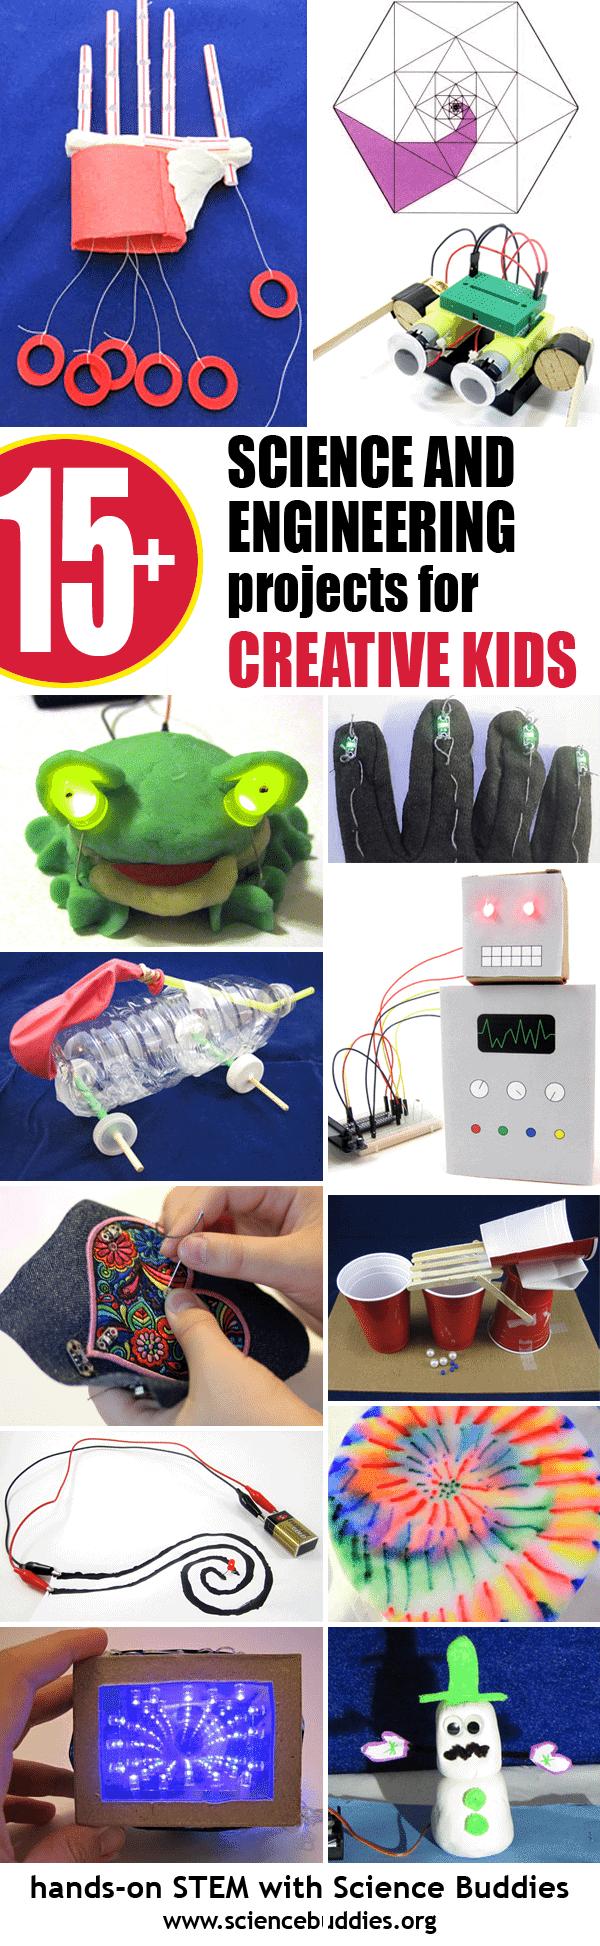 STEM-creative-stem-science-engineering